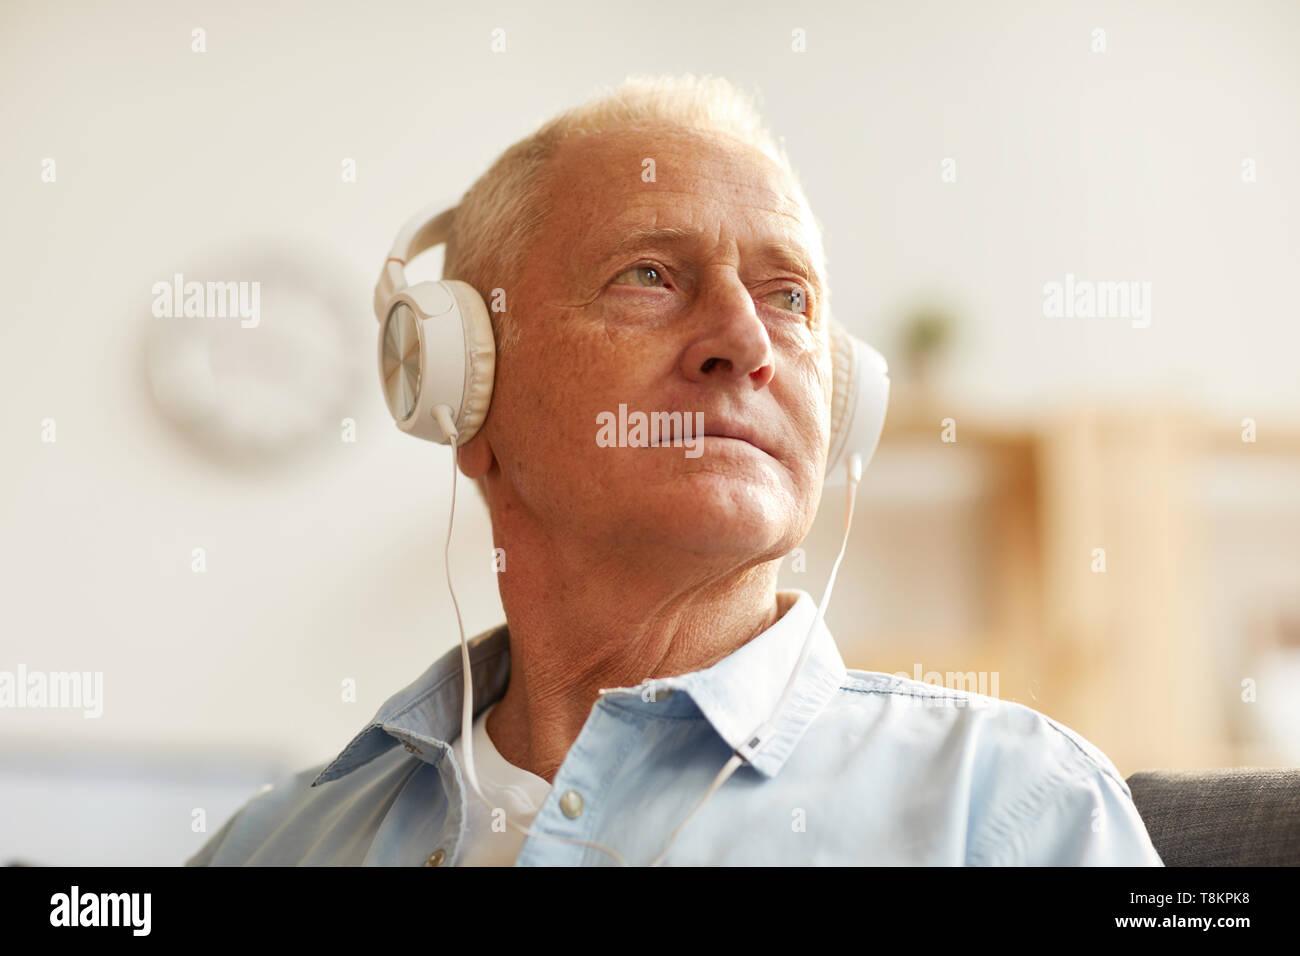 Nachdenklich älterer Mann Hören von Musik Stockbild